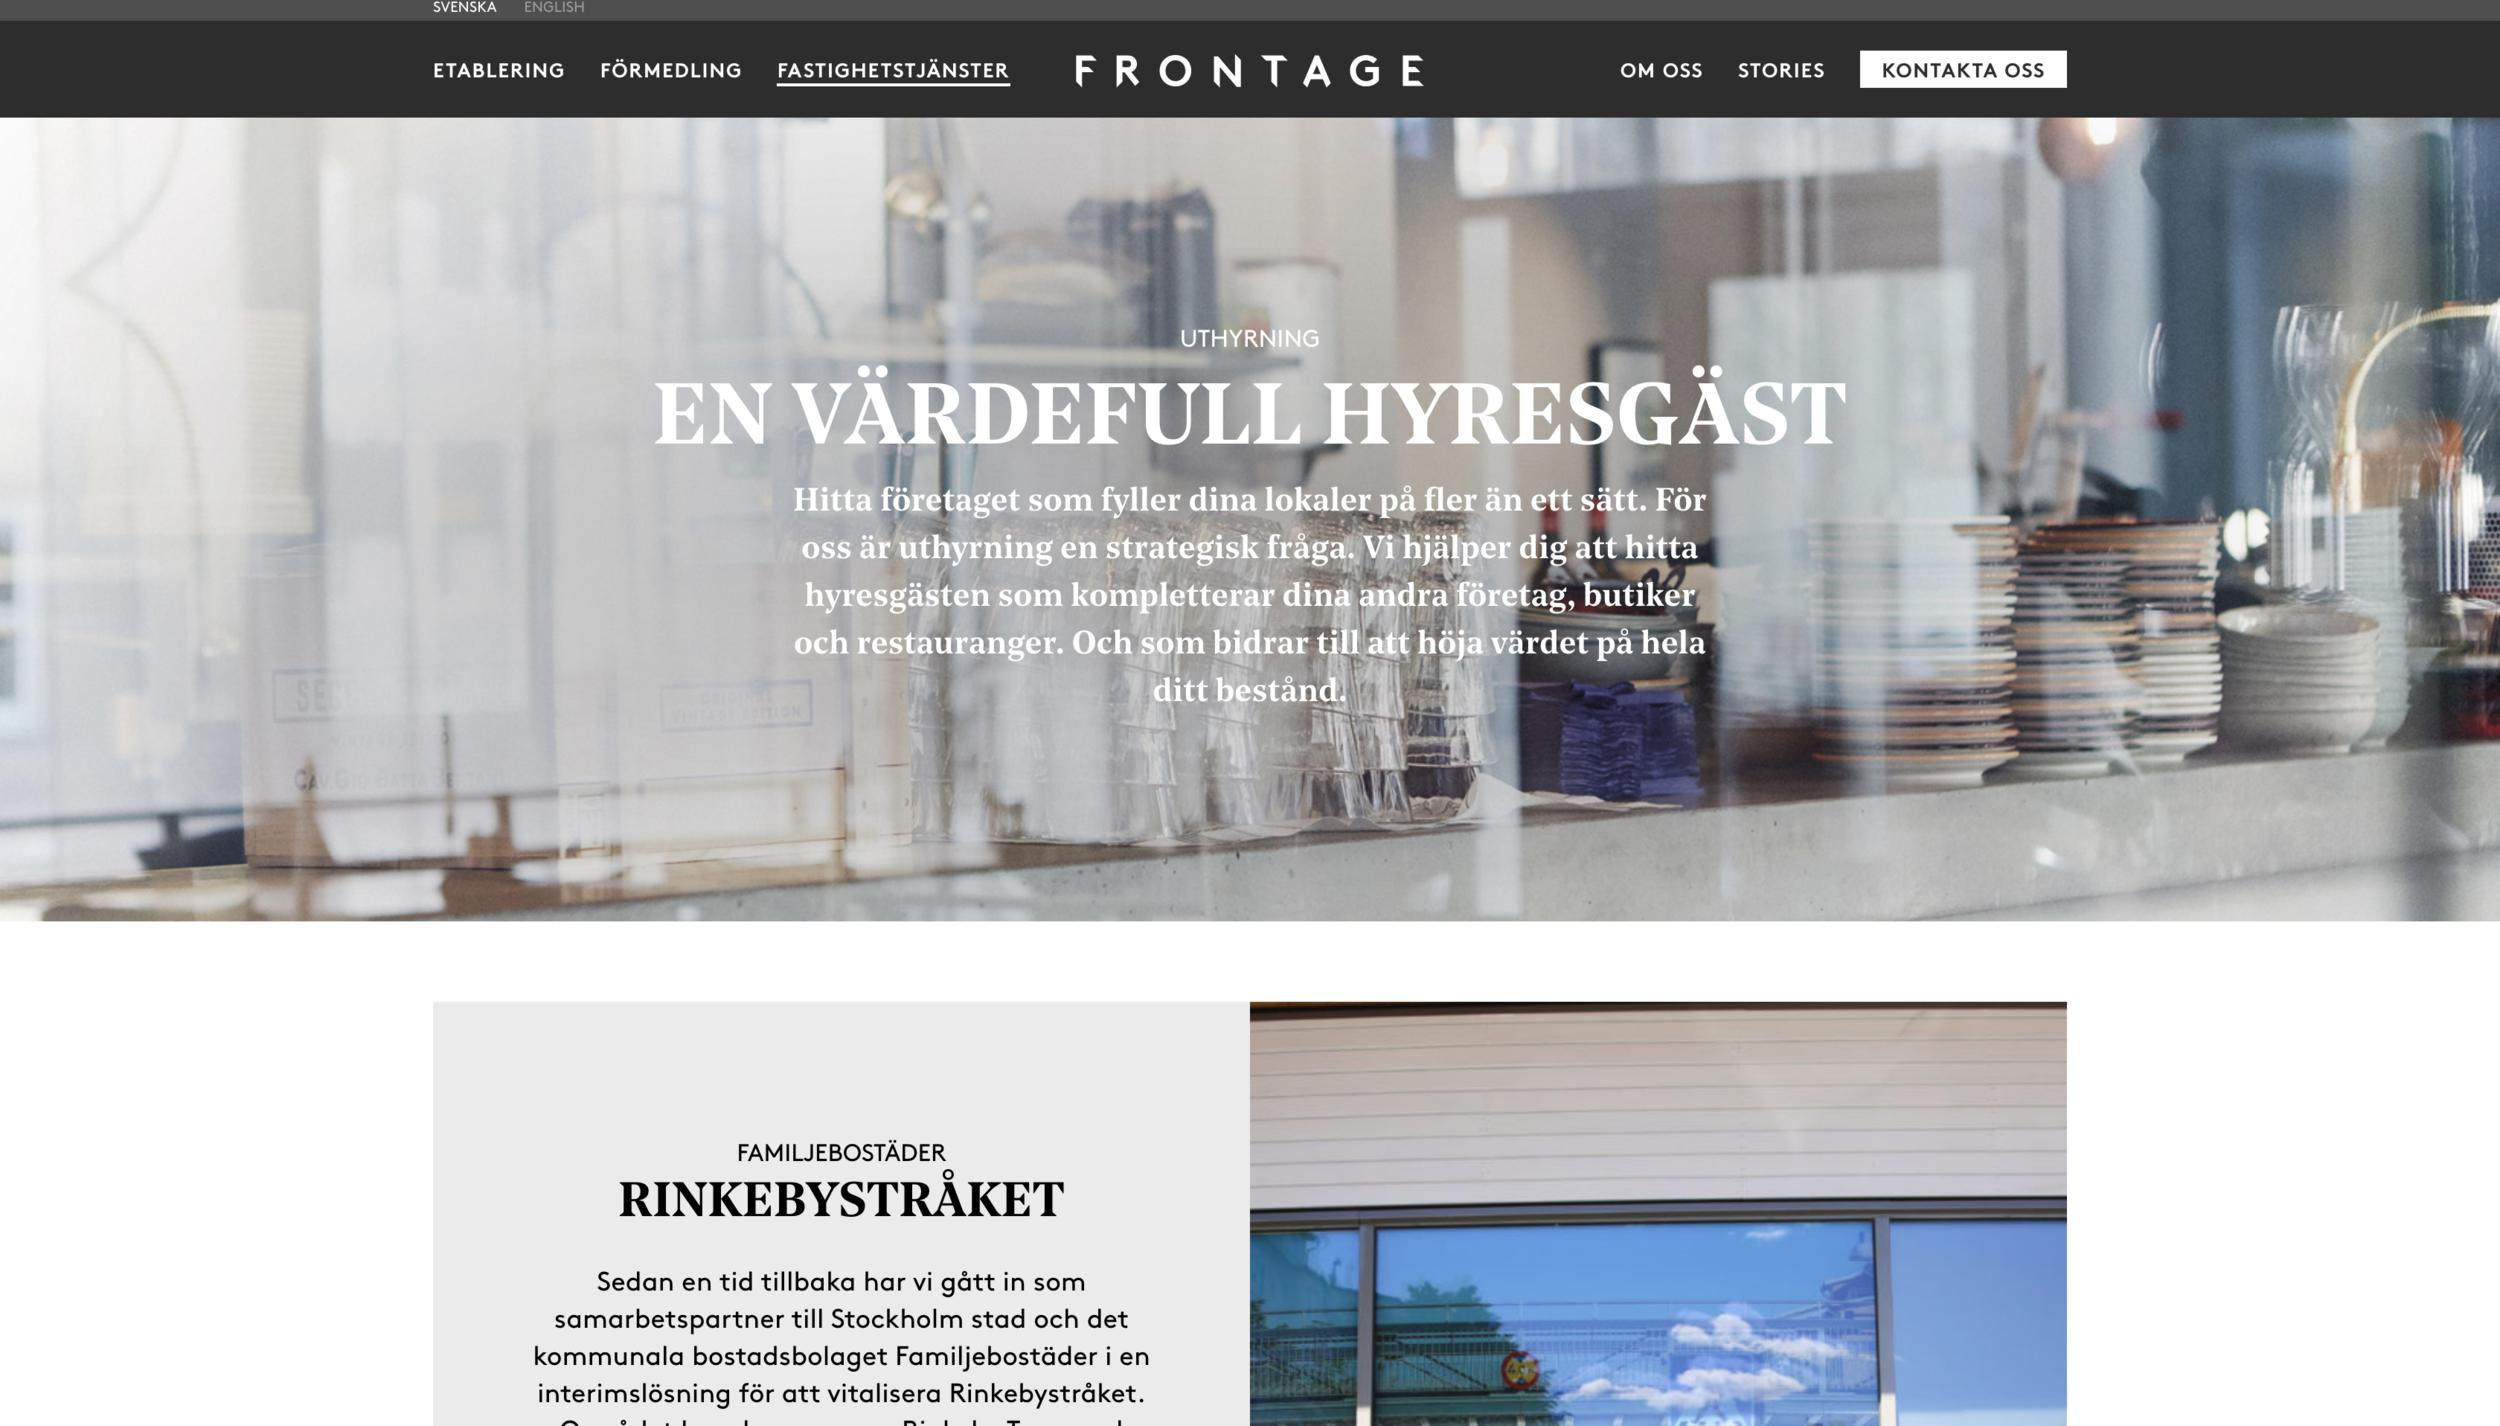 Frontage fastighetstjänster.png